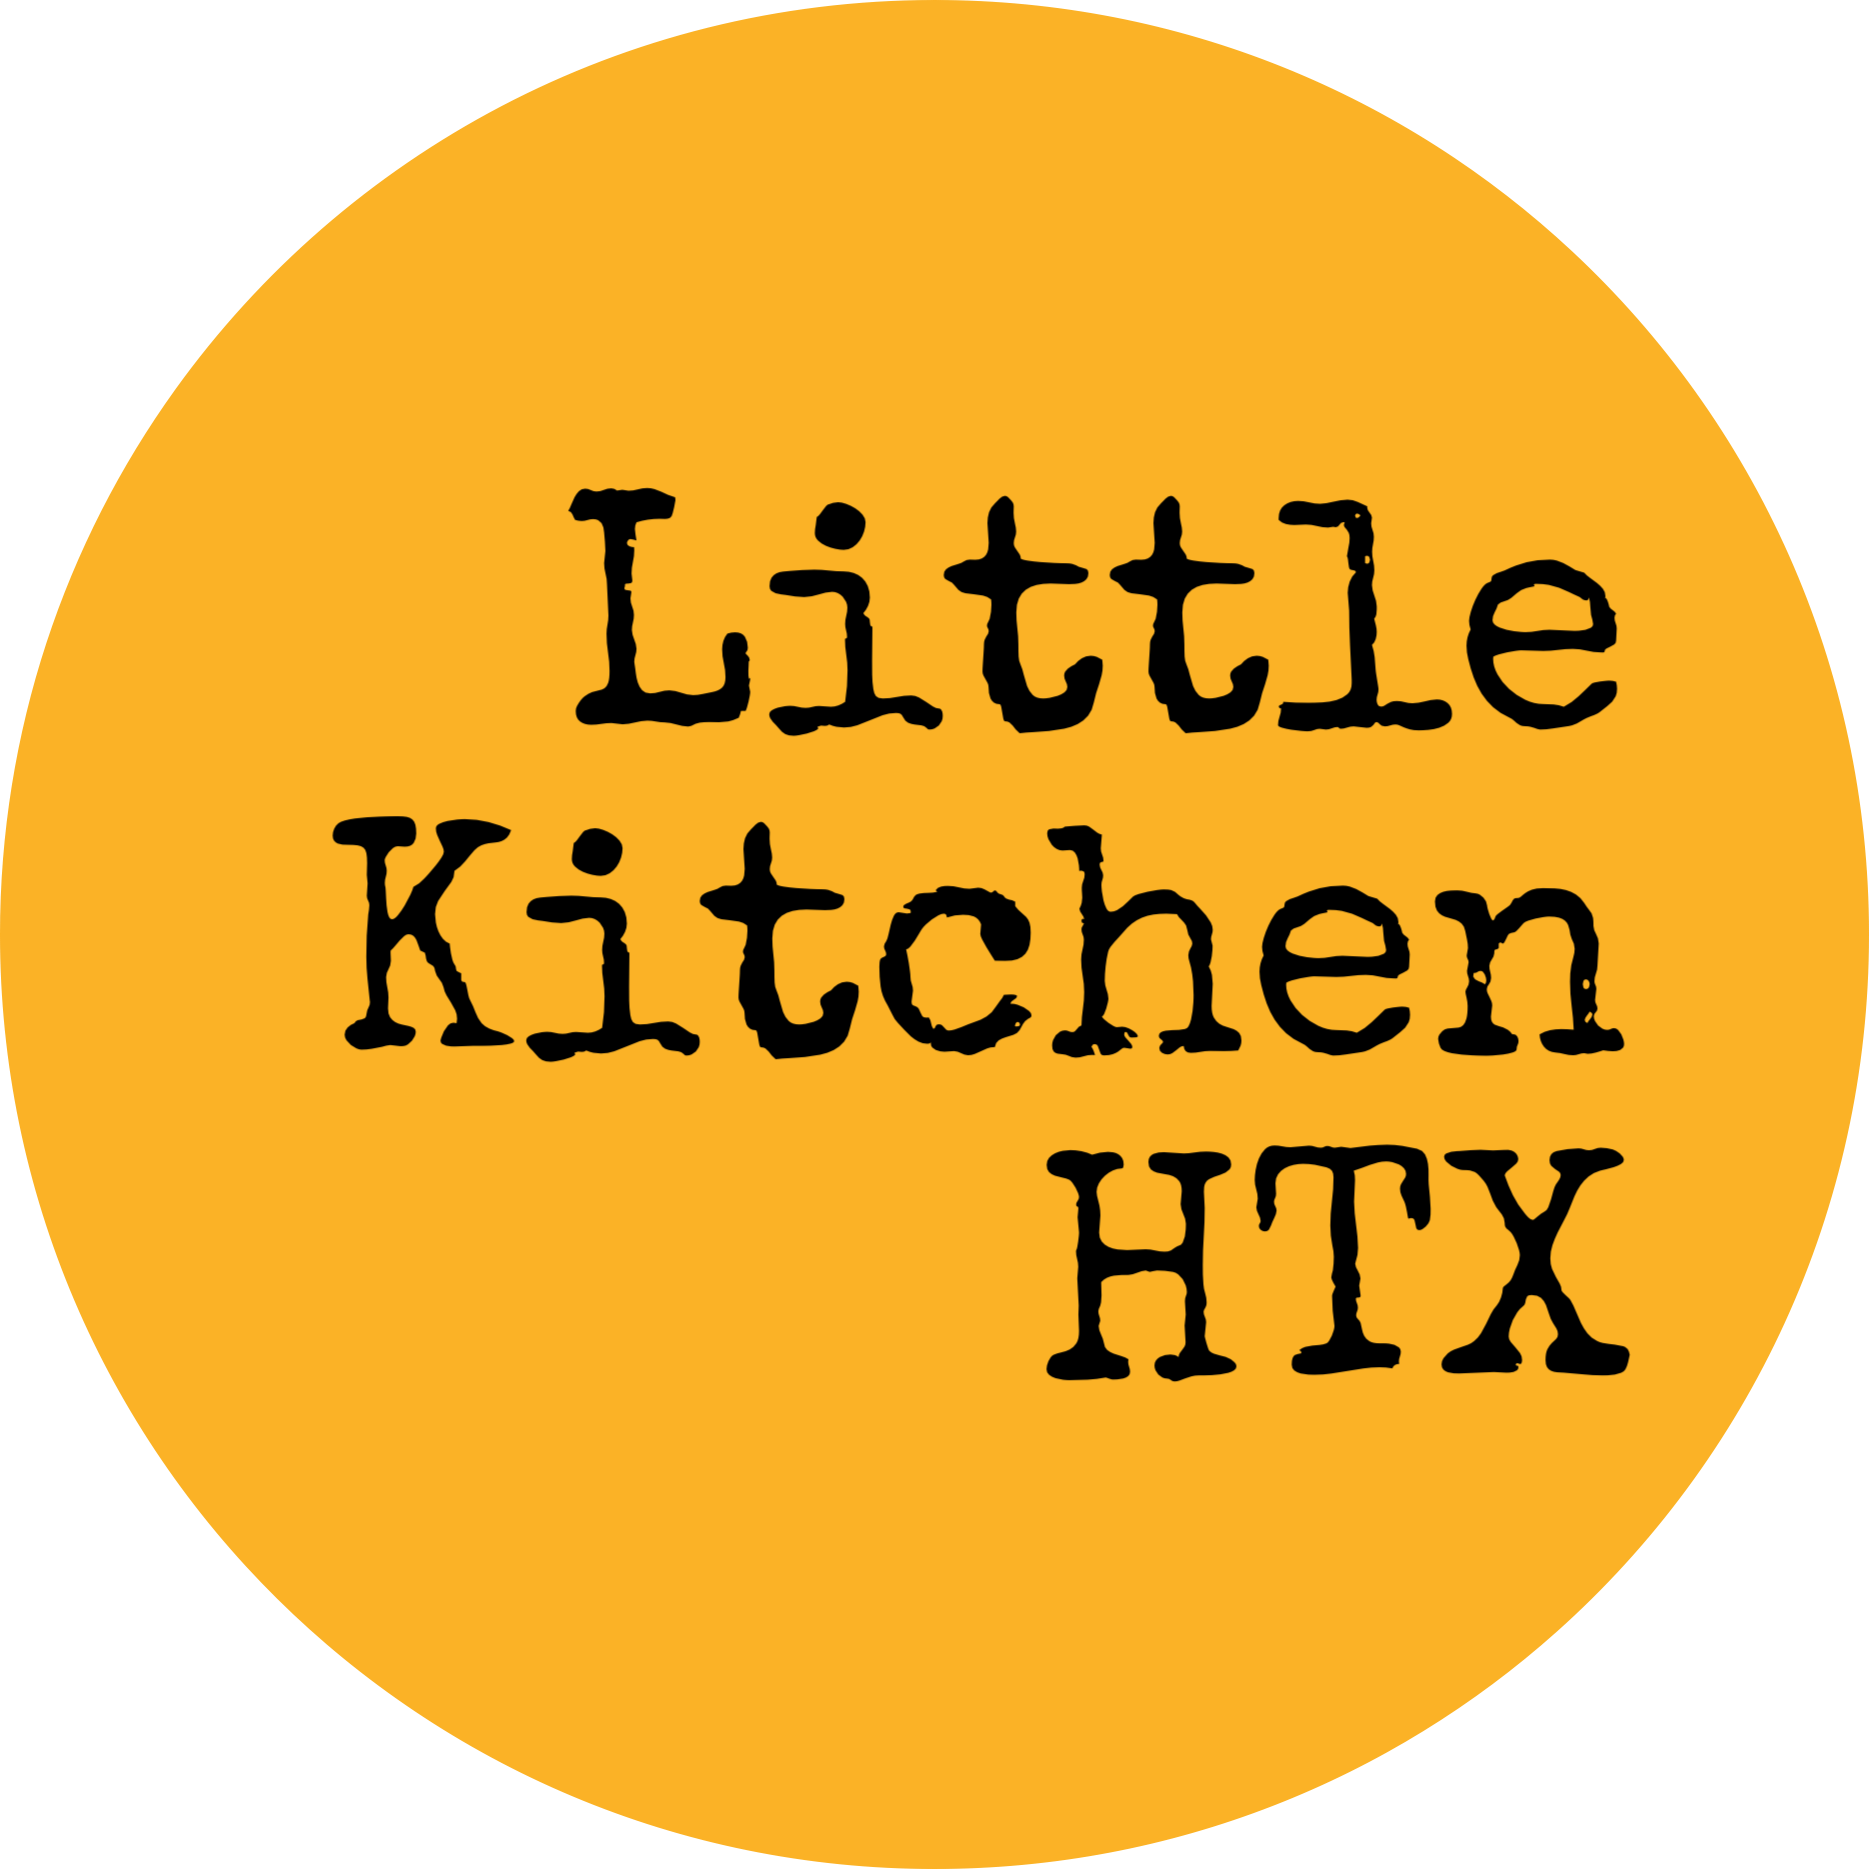 Little Kitchen HTX